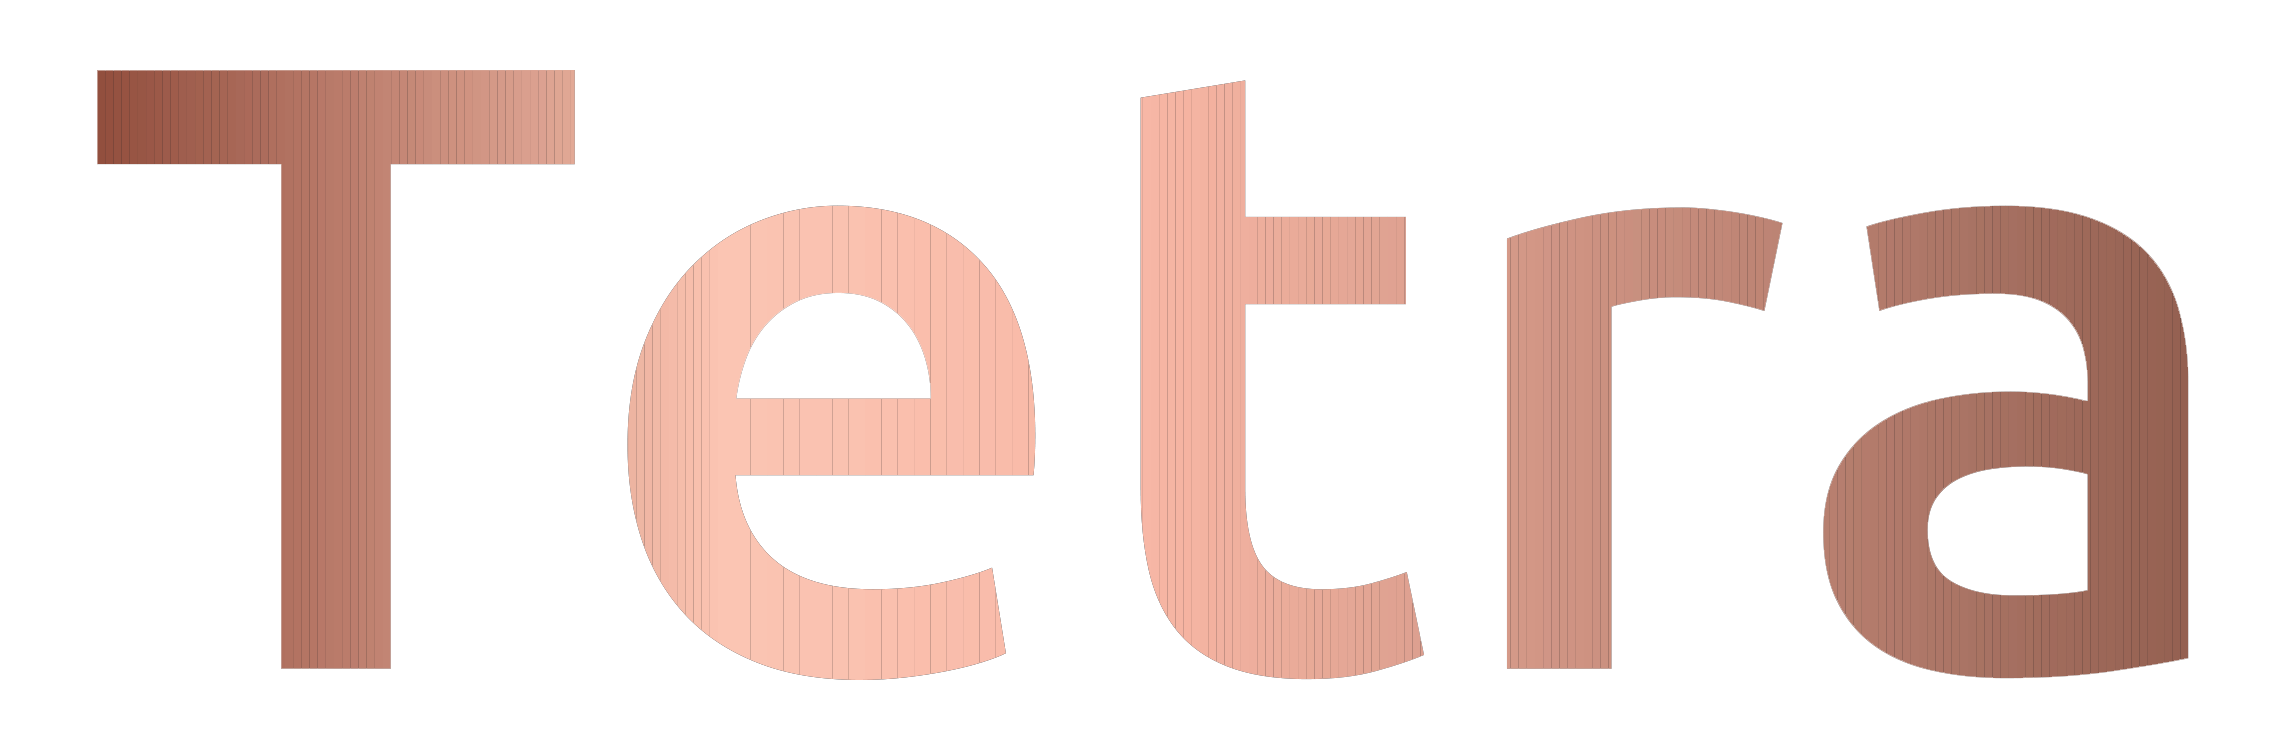 Tetra 2020 BLKBG